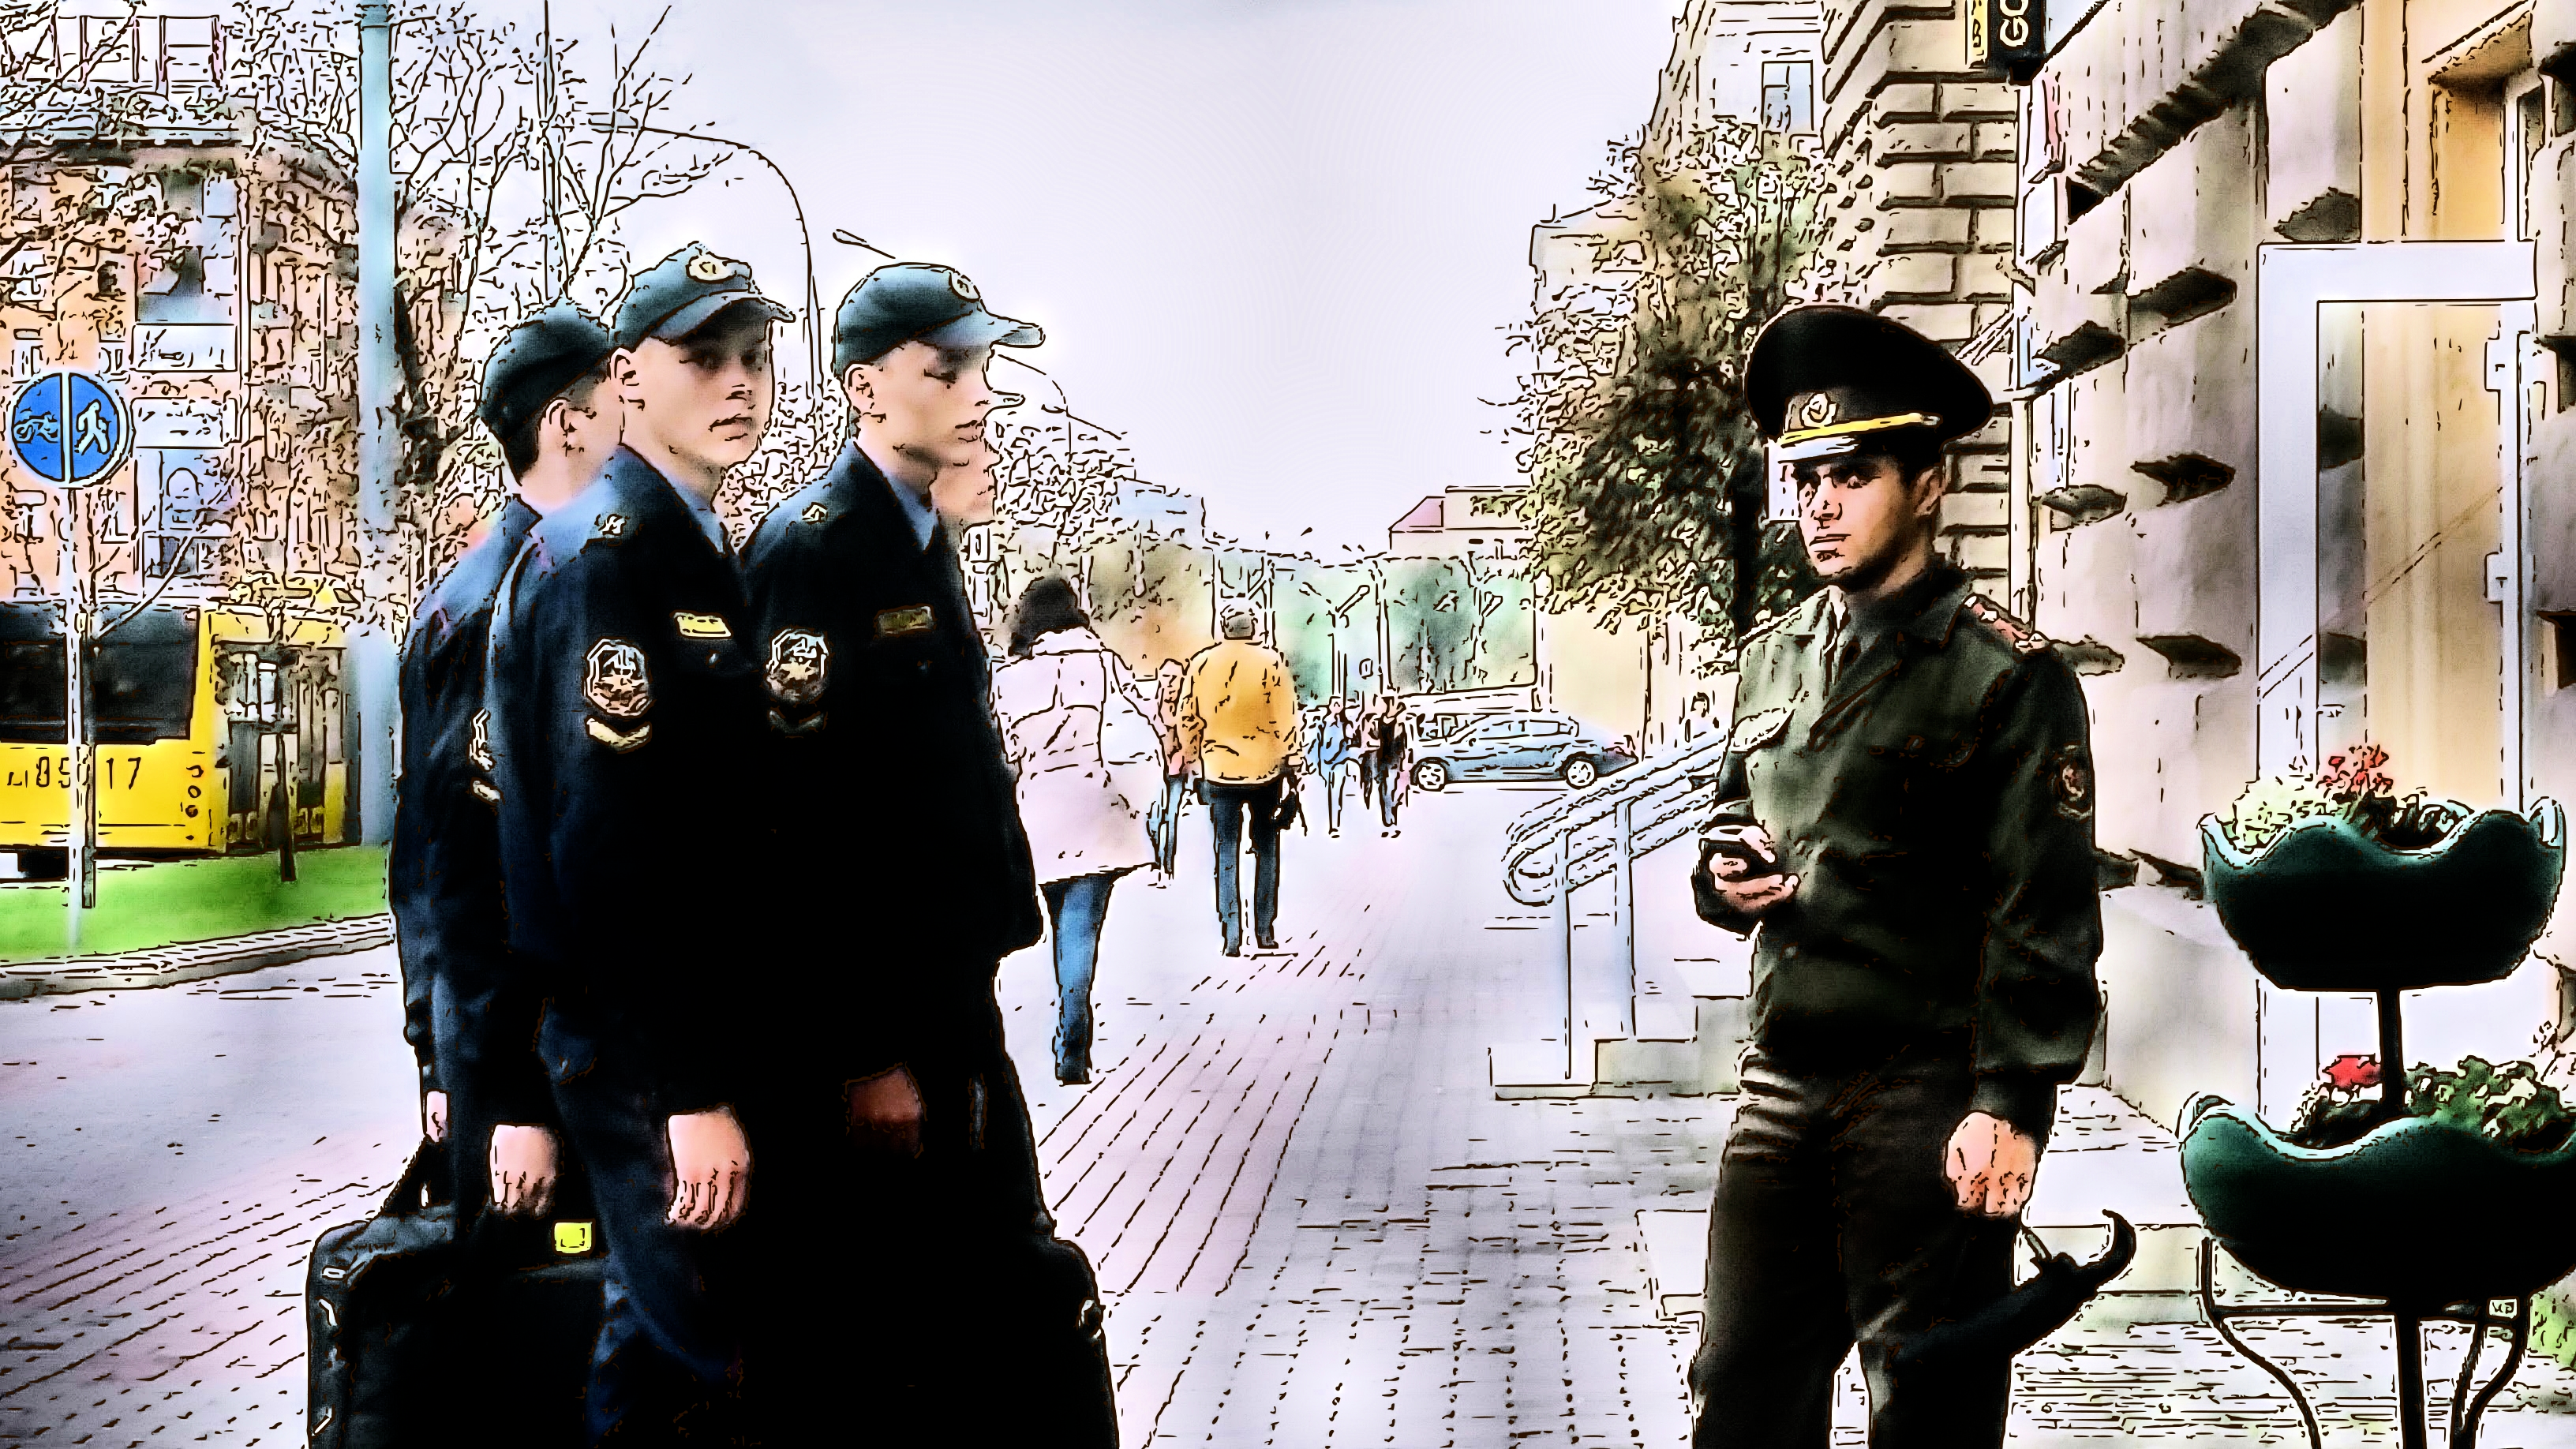 Men in uniform in Minsk, Belarus.